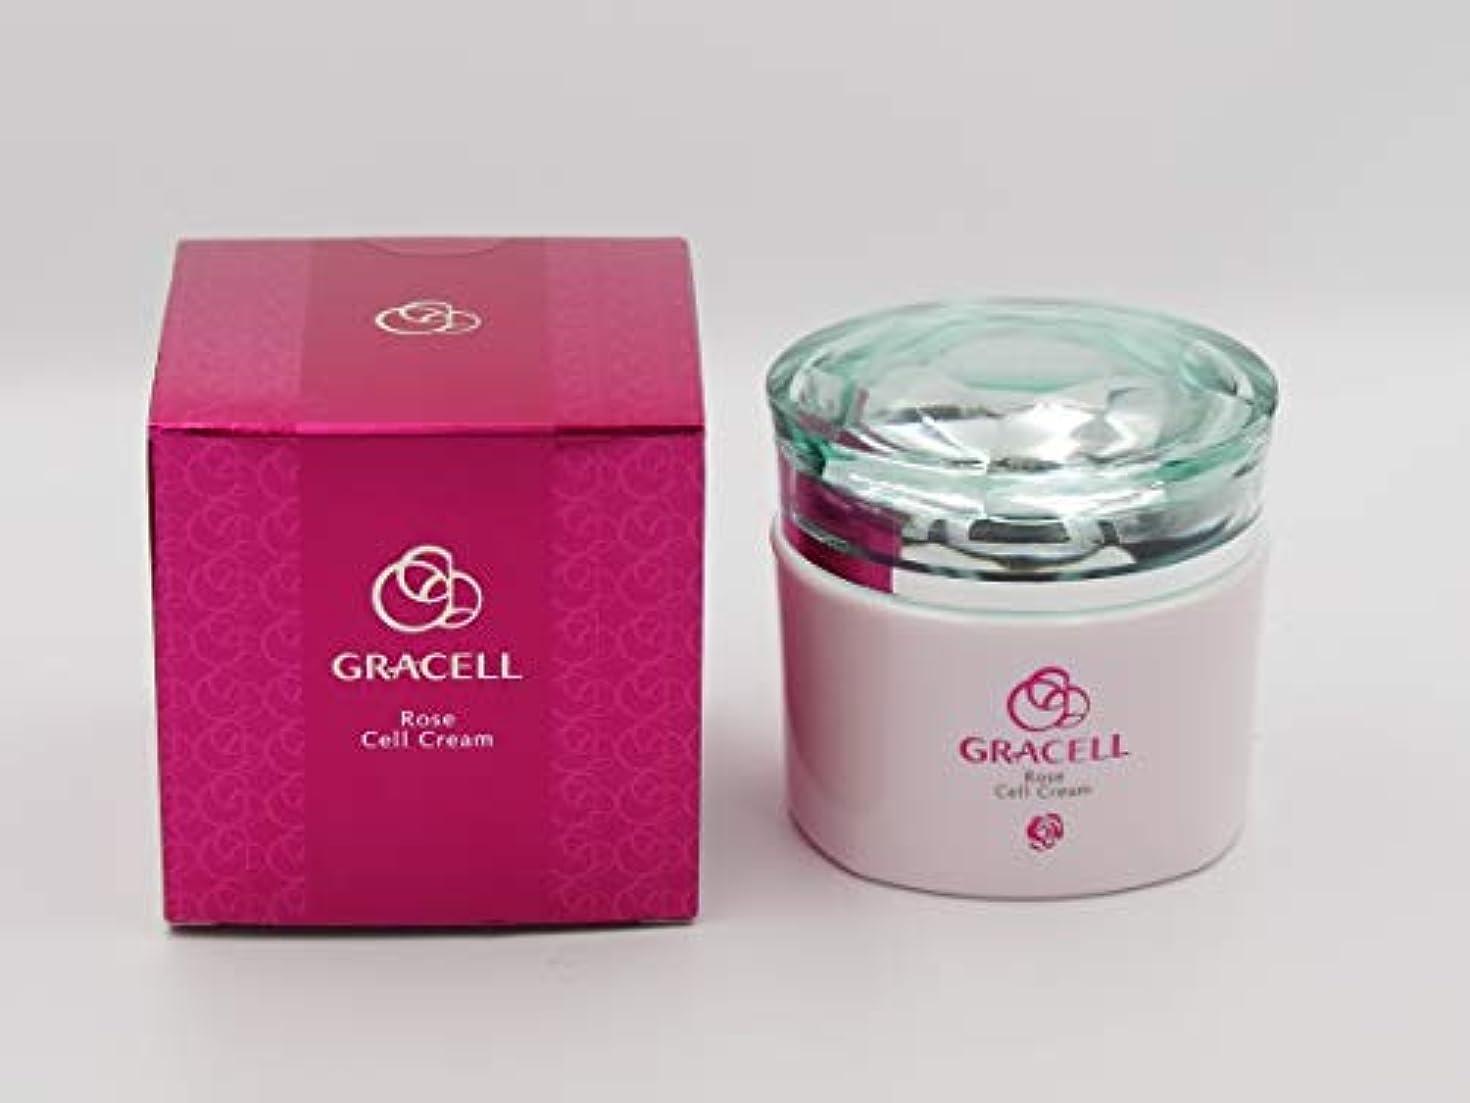 スカイ悩む計算可能GRACELL(グレイセル) グレイセルローズセル クリーム 保湿クリーム 45g